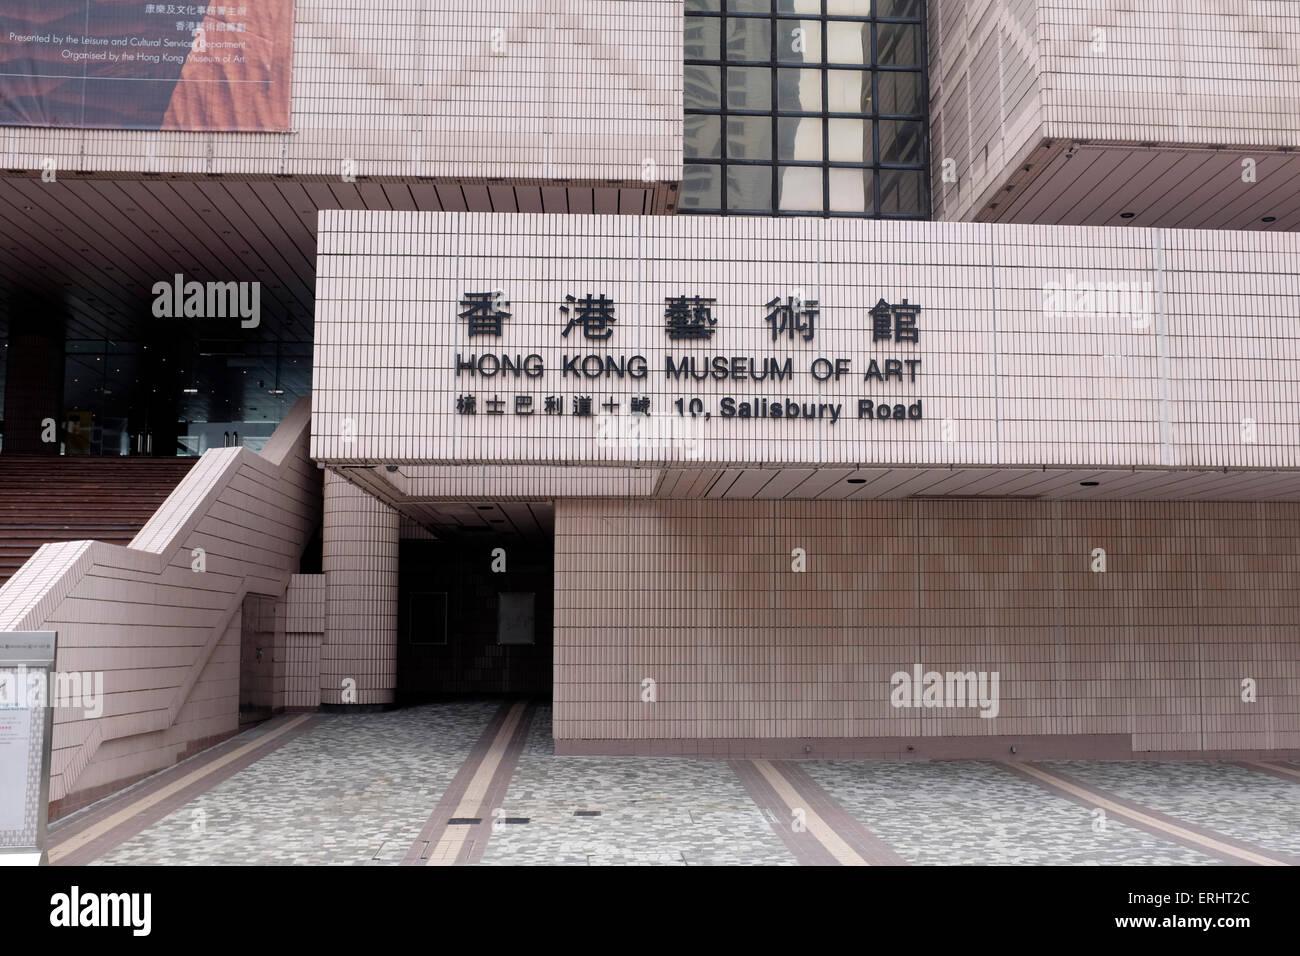 Hong Kong Museum of Art, Hong Kong SAR, China - Stock Image